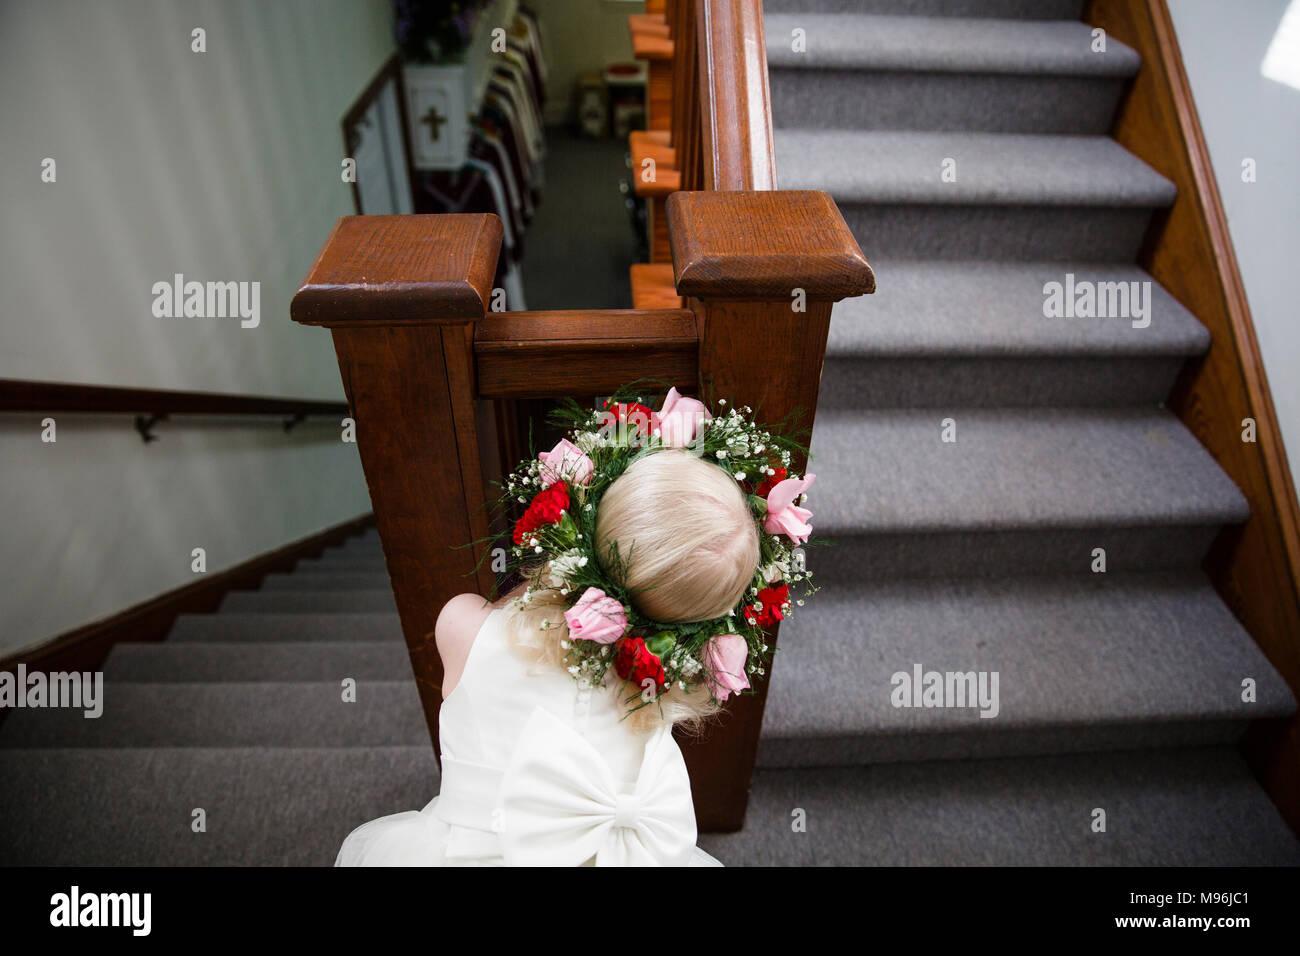 Fille en robe blanche à la recherche grâce à des rampes d'escalier Photo Stock